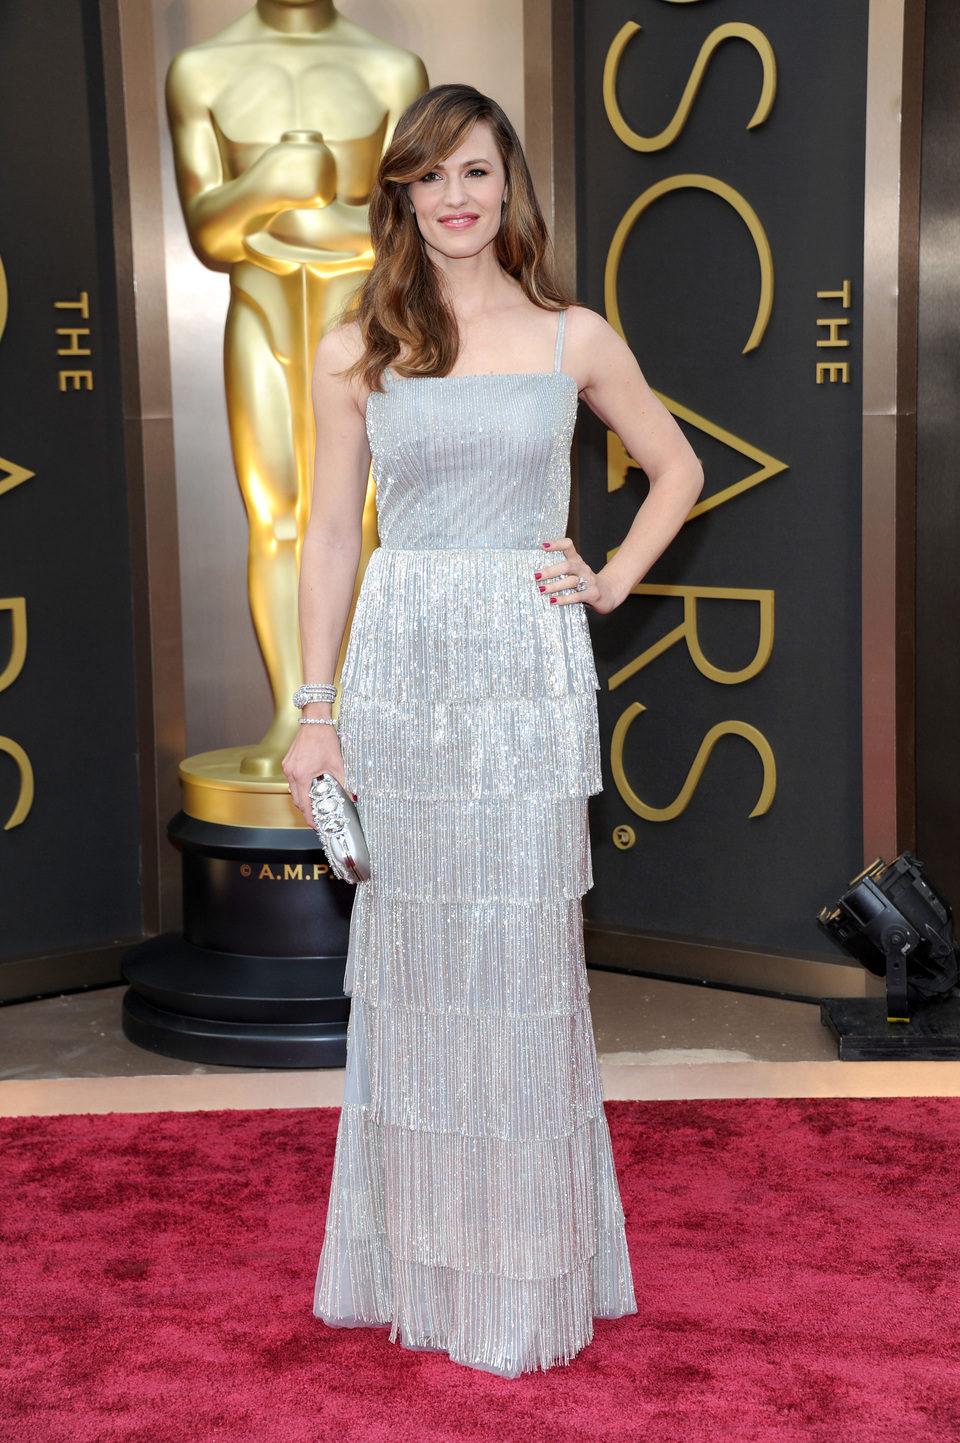 Jennifer Garner on the red carpet at the 2014 Oscars